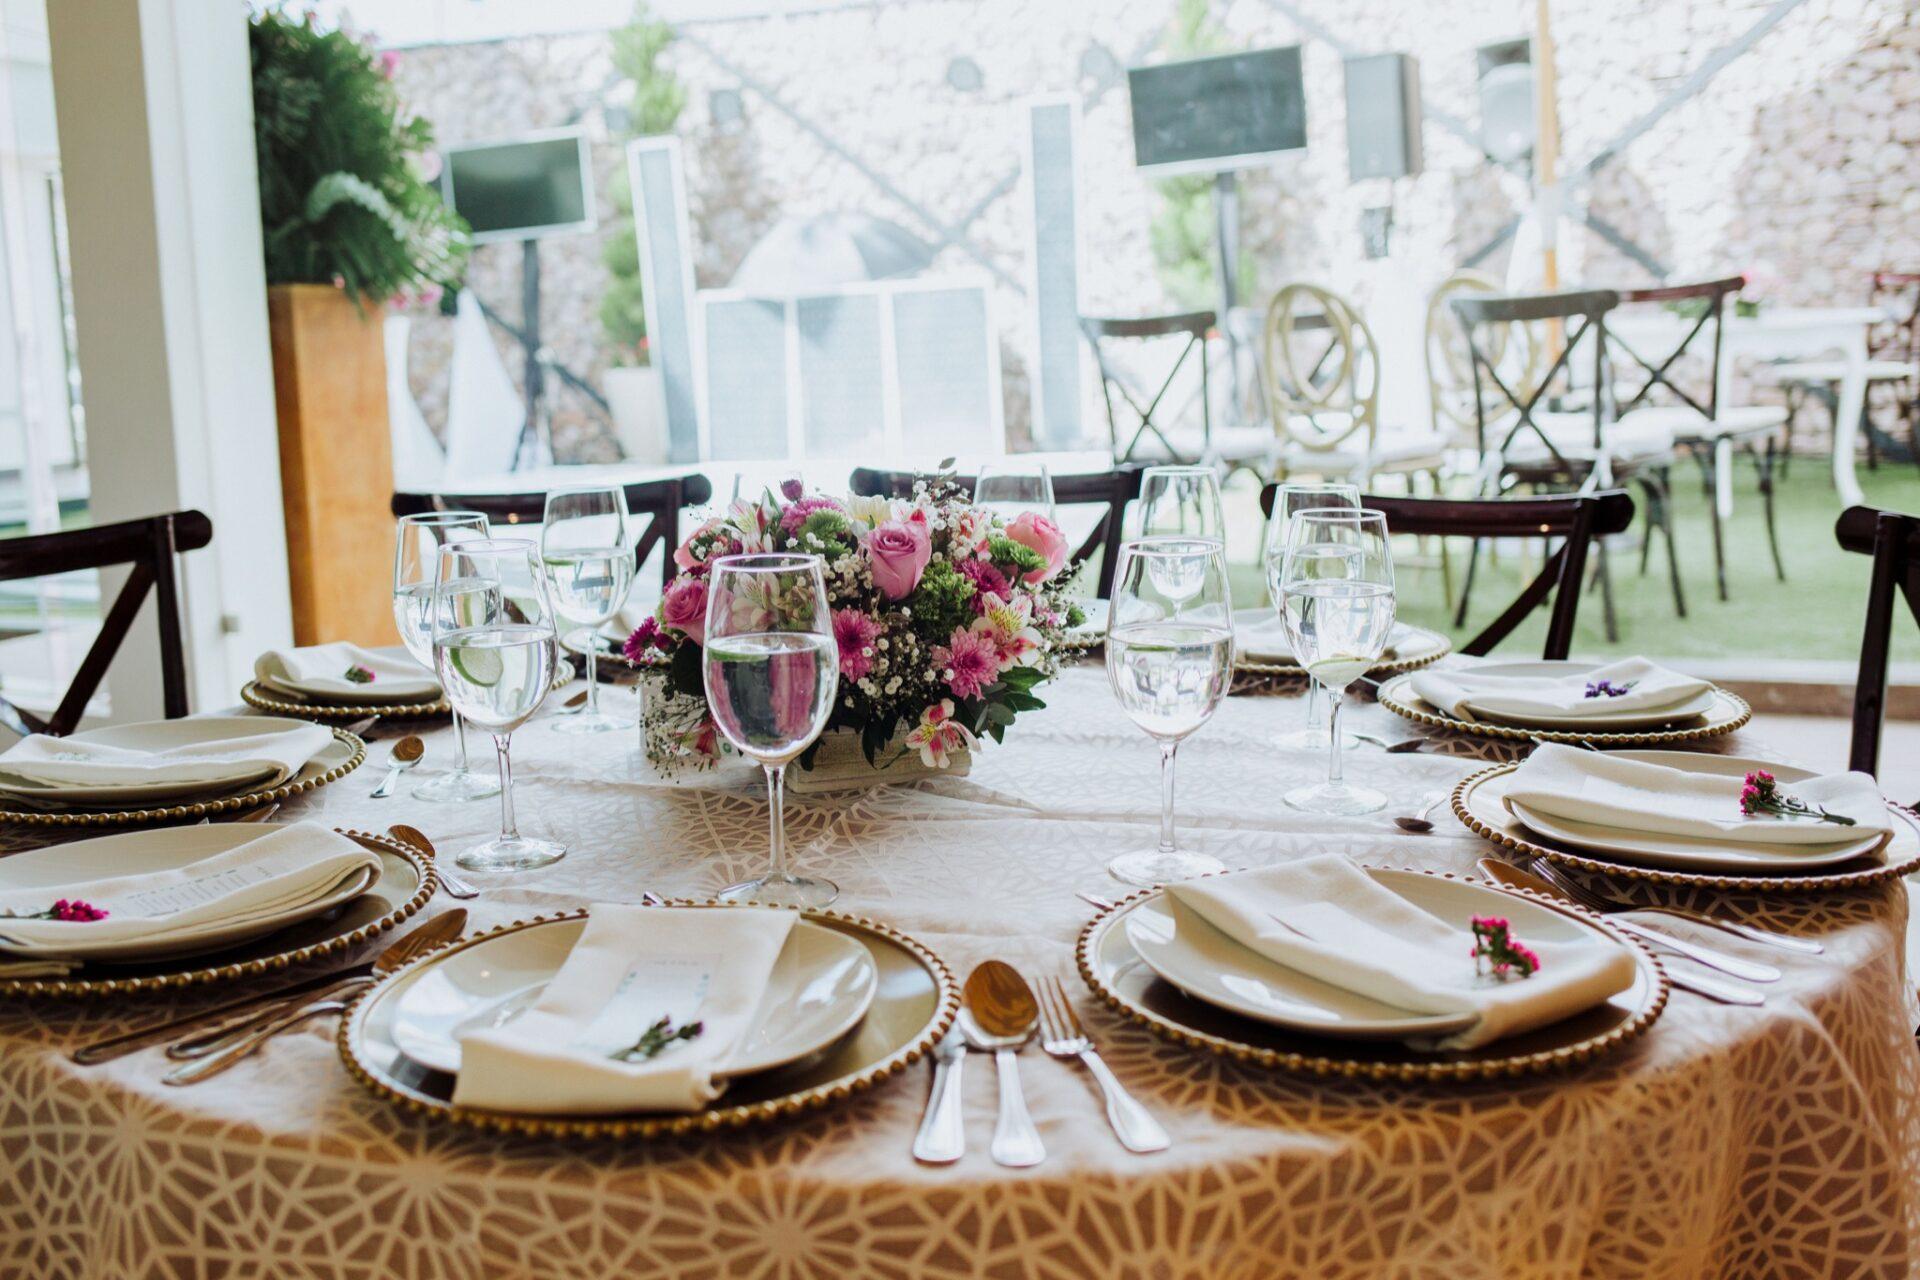 javier_noriega_fotografo_bodas_los_gaviones_zacatecas_wedding_photographer21